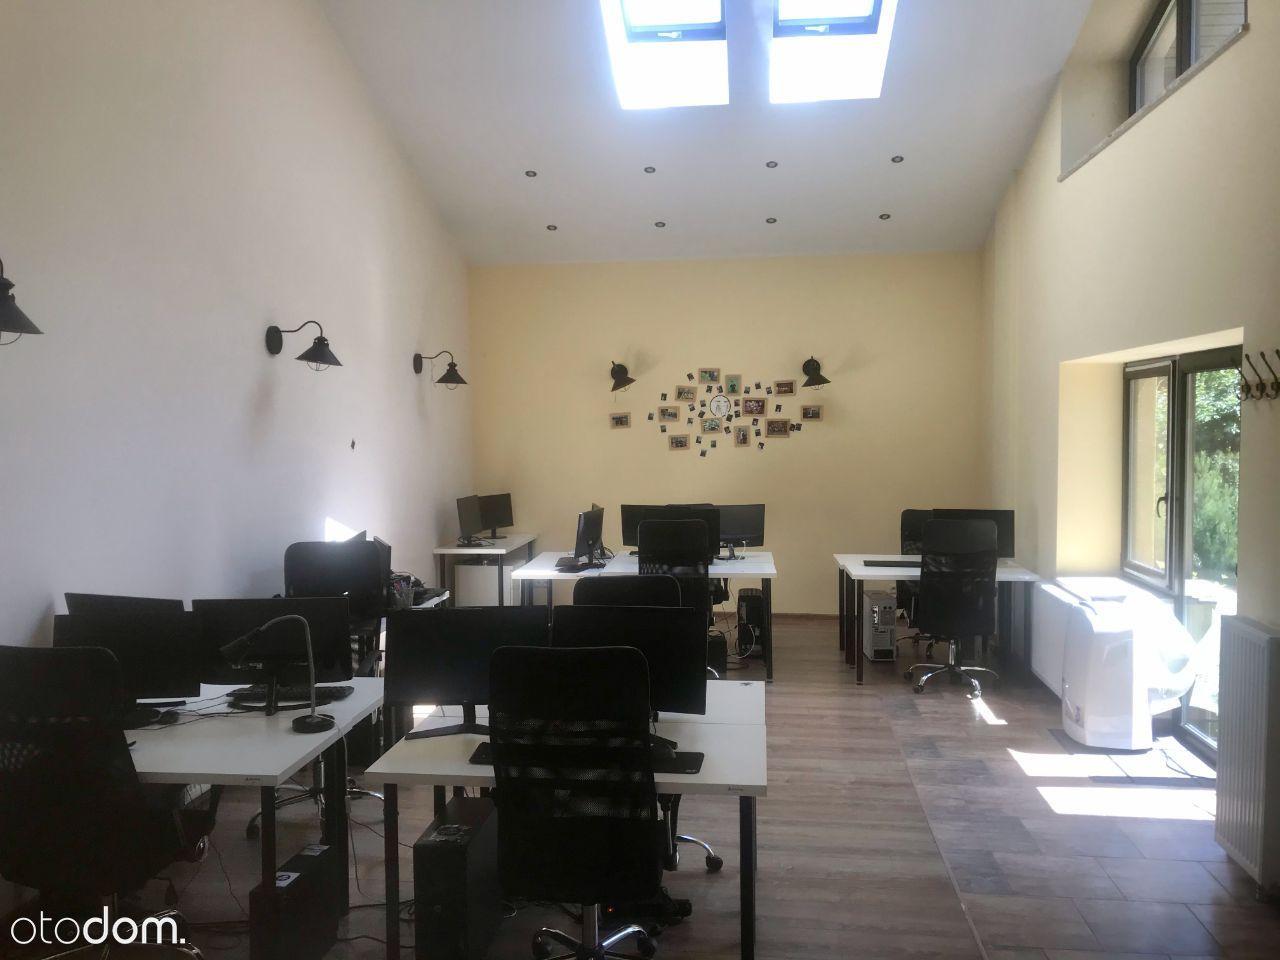 Lokal, powierzchnia biurowa na wynajem z tarasem